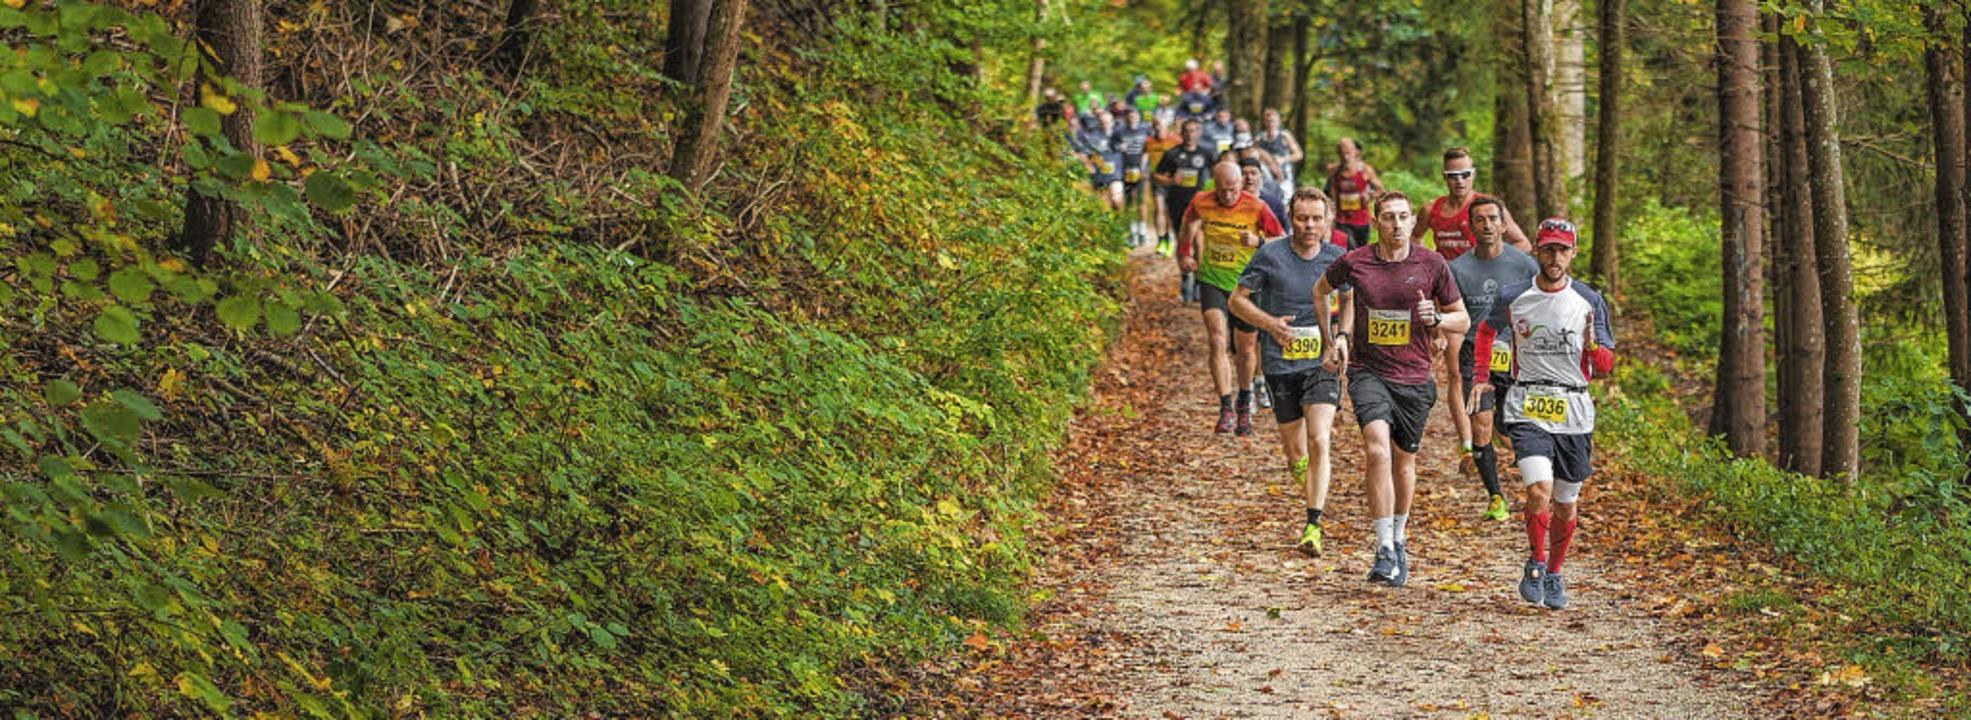 Einer der ältesten Naturmarathons hält...s Schwarzwaldmarathons sind Waldwege.   | Foto: Tobias Raphael Ackermann